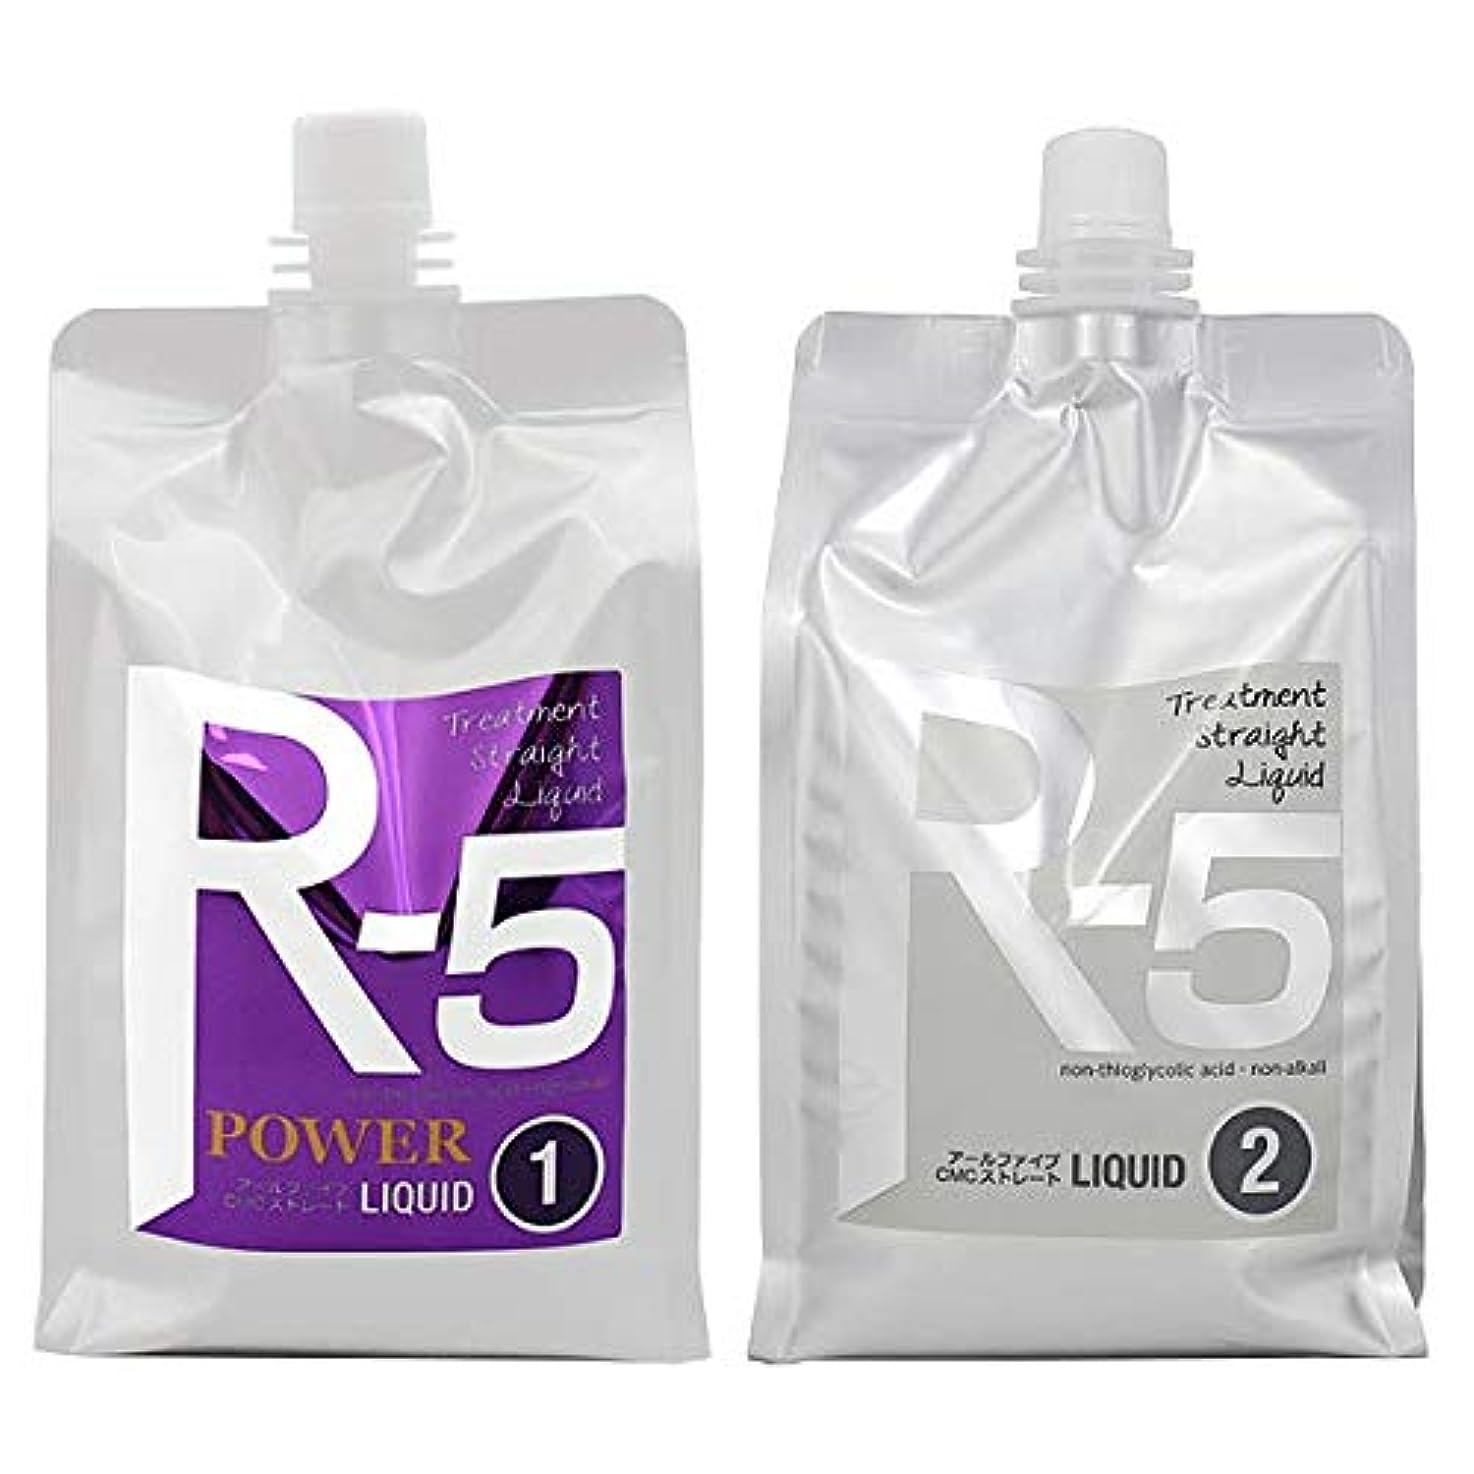 指トレード接続詞CMCトリートメントストレート R-5 パープル(パワー) ストレート剤